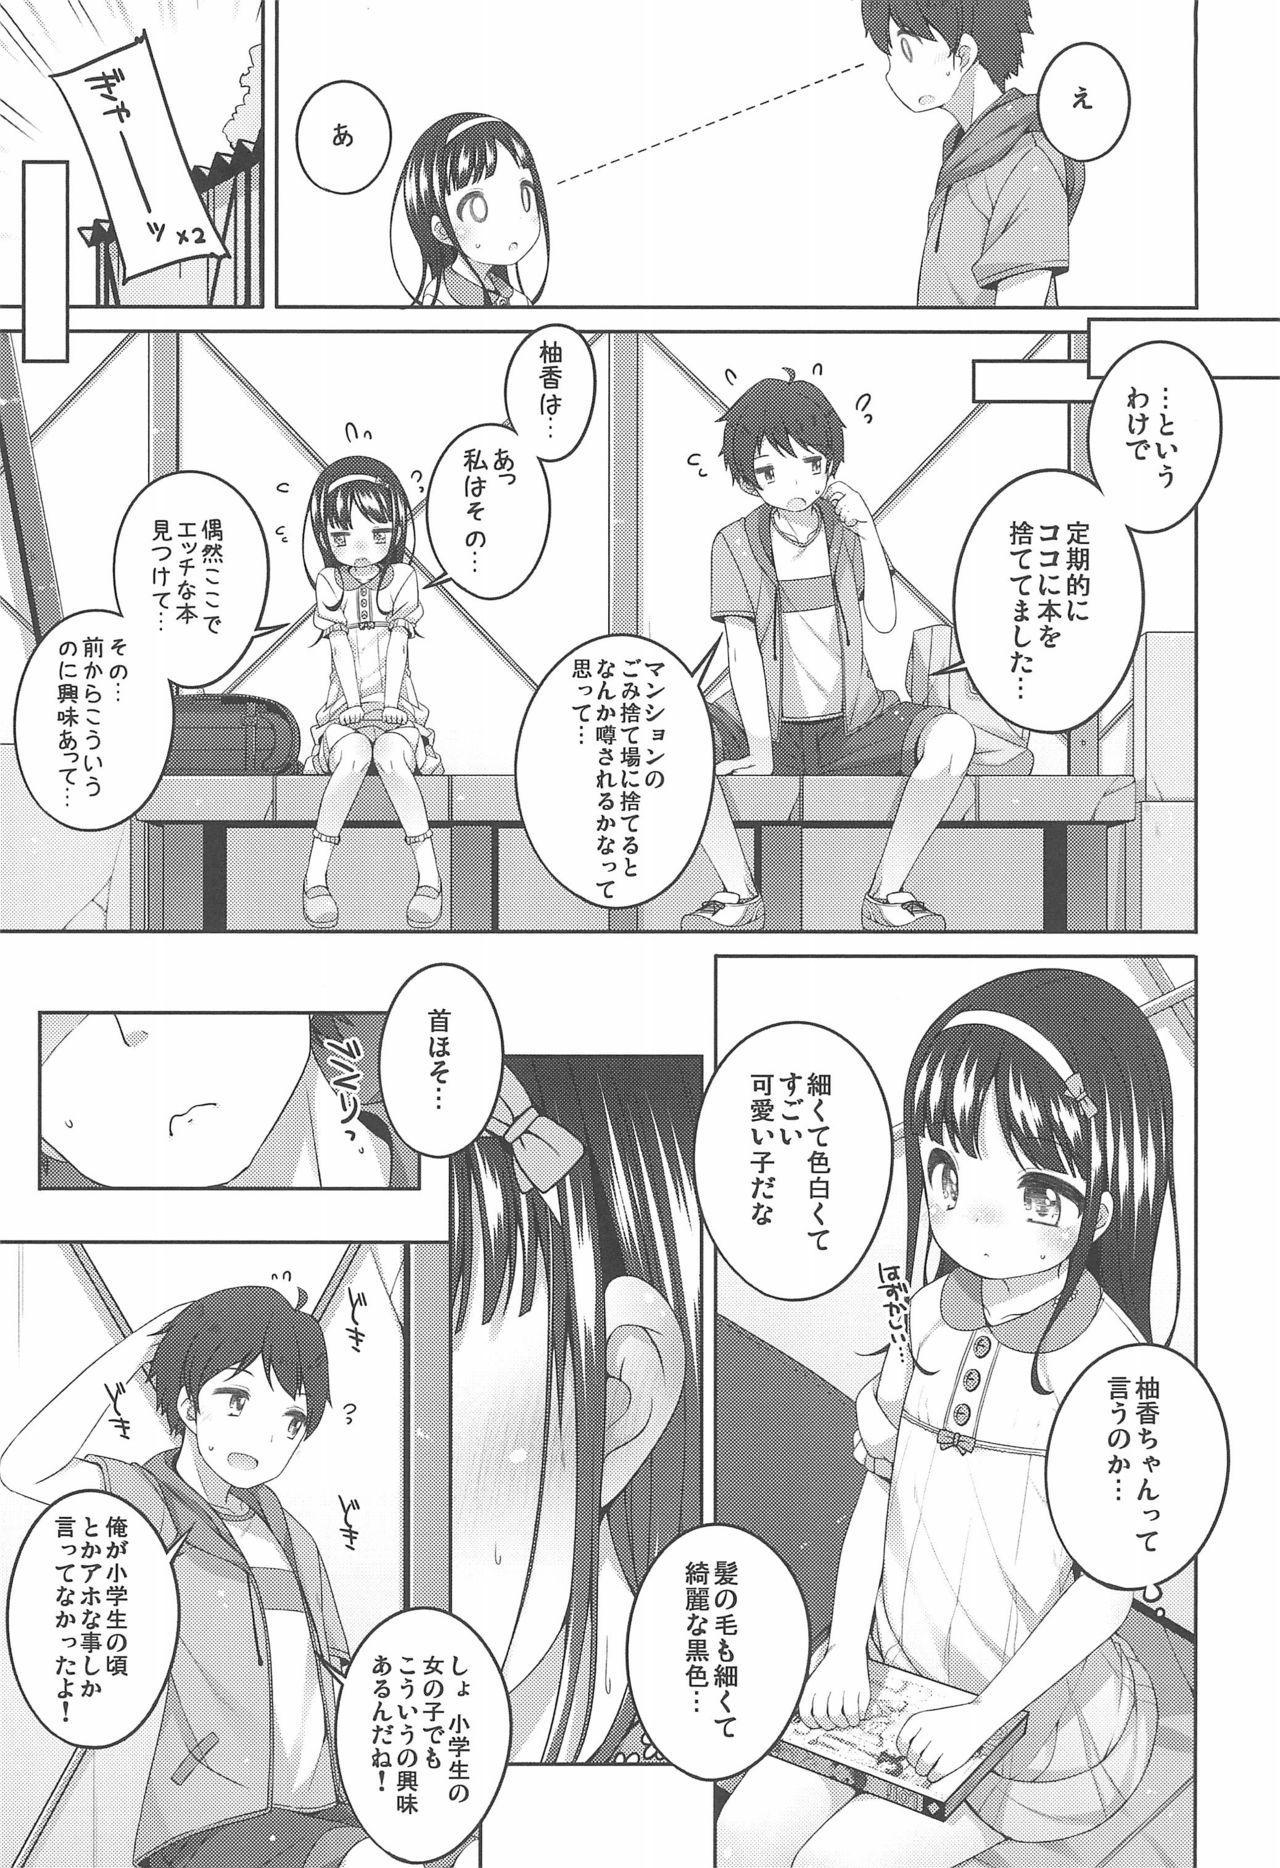 Ero-hon Sutetara Onnanoko ga Ie ni Kita 4